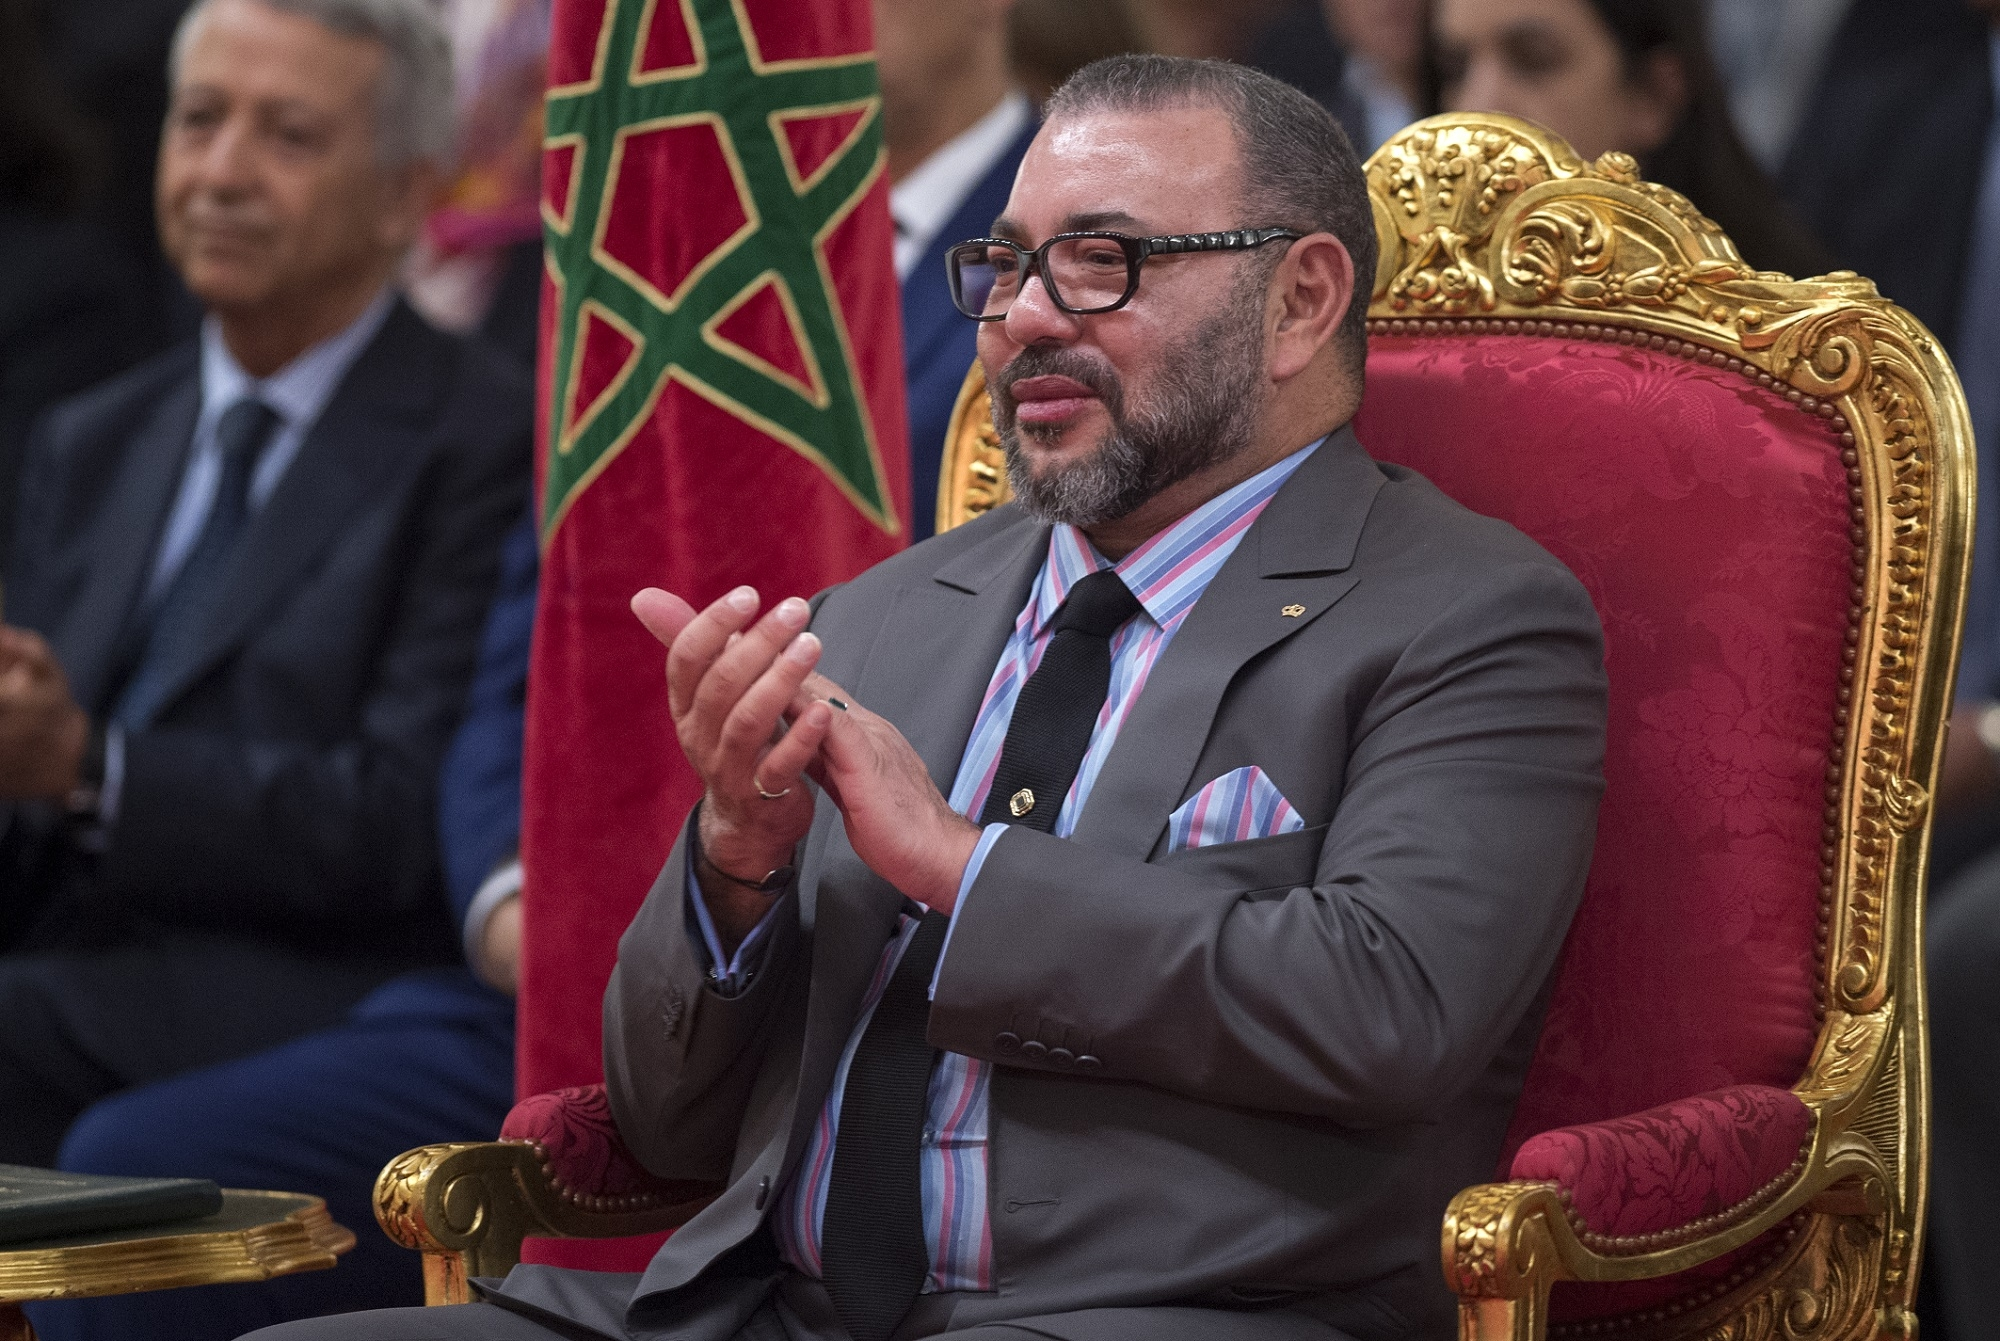 Le roi du Maroc Mohammed VI, le 11 décembre 2017 à Casablanca